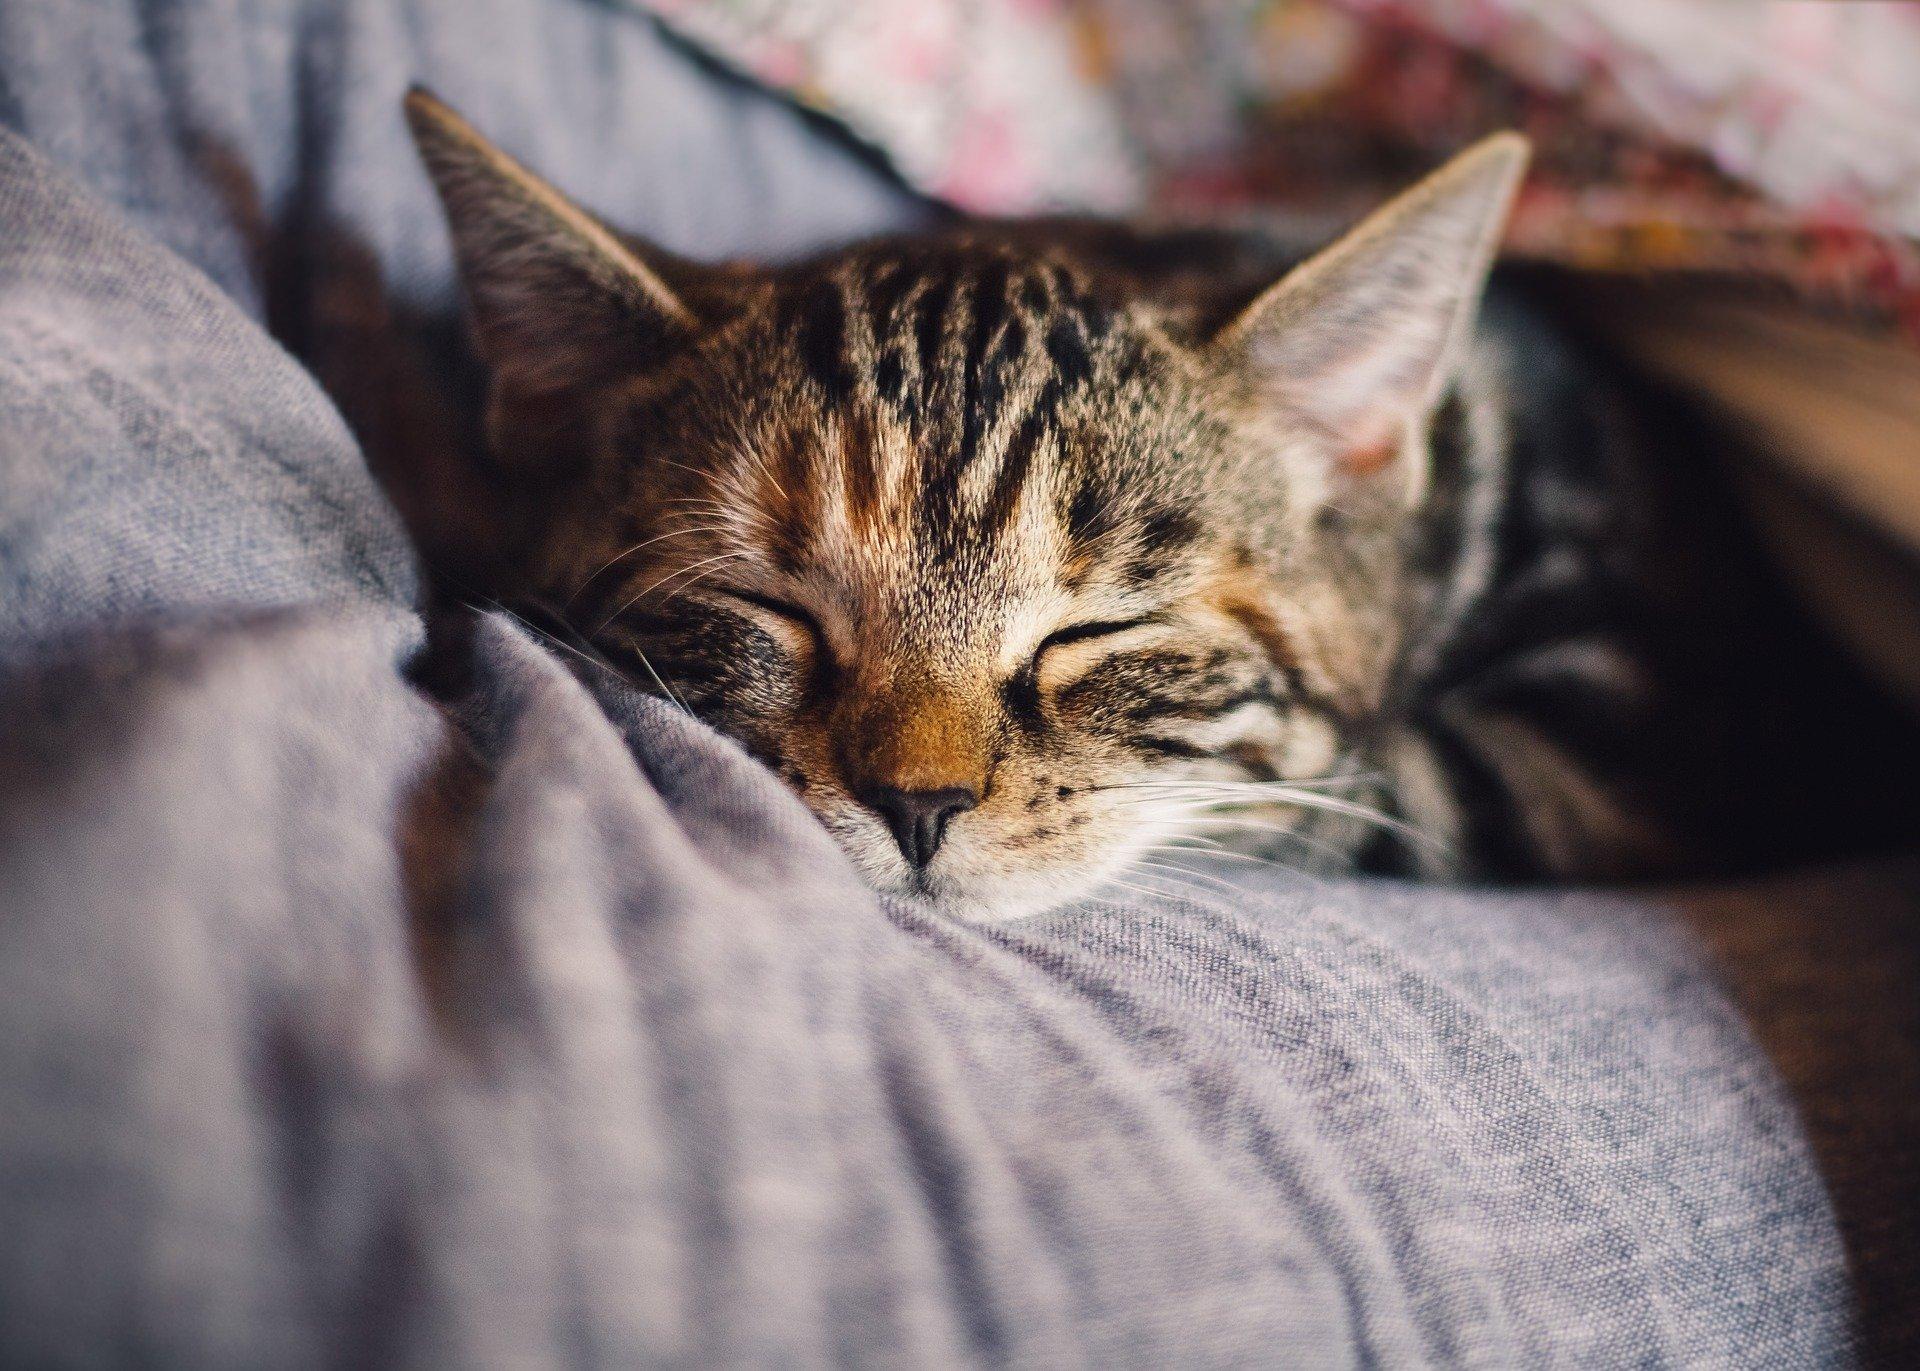 Katt på fanget som får kos. Foto: Pixabay.